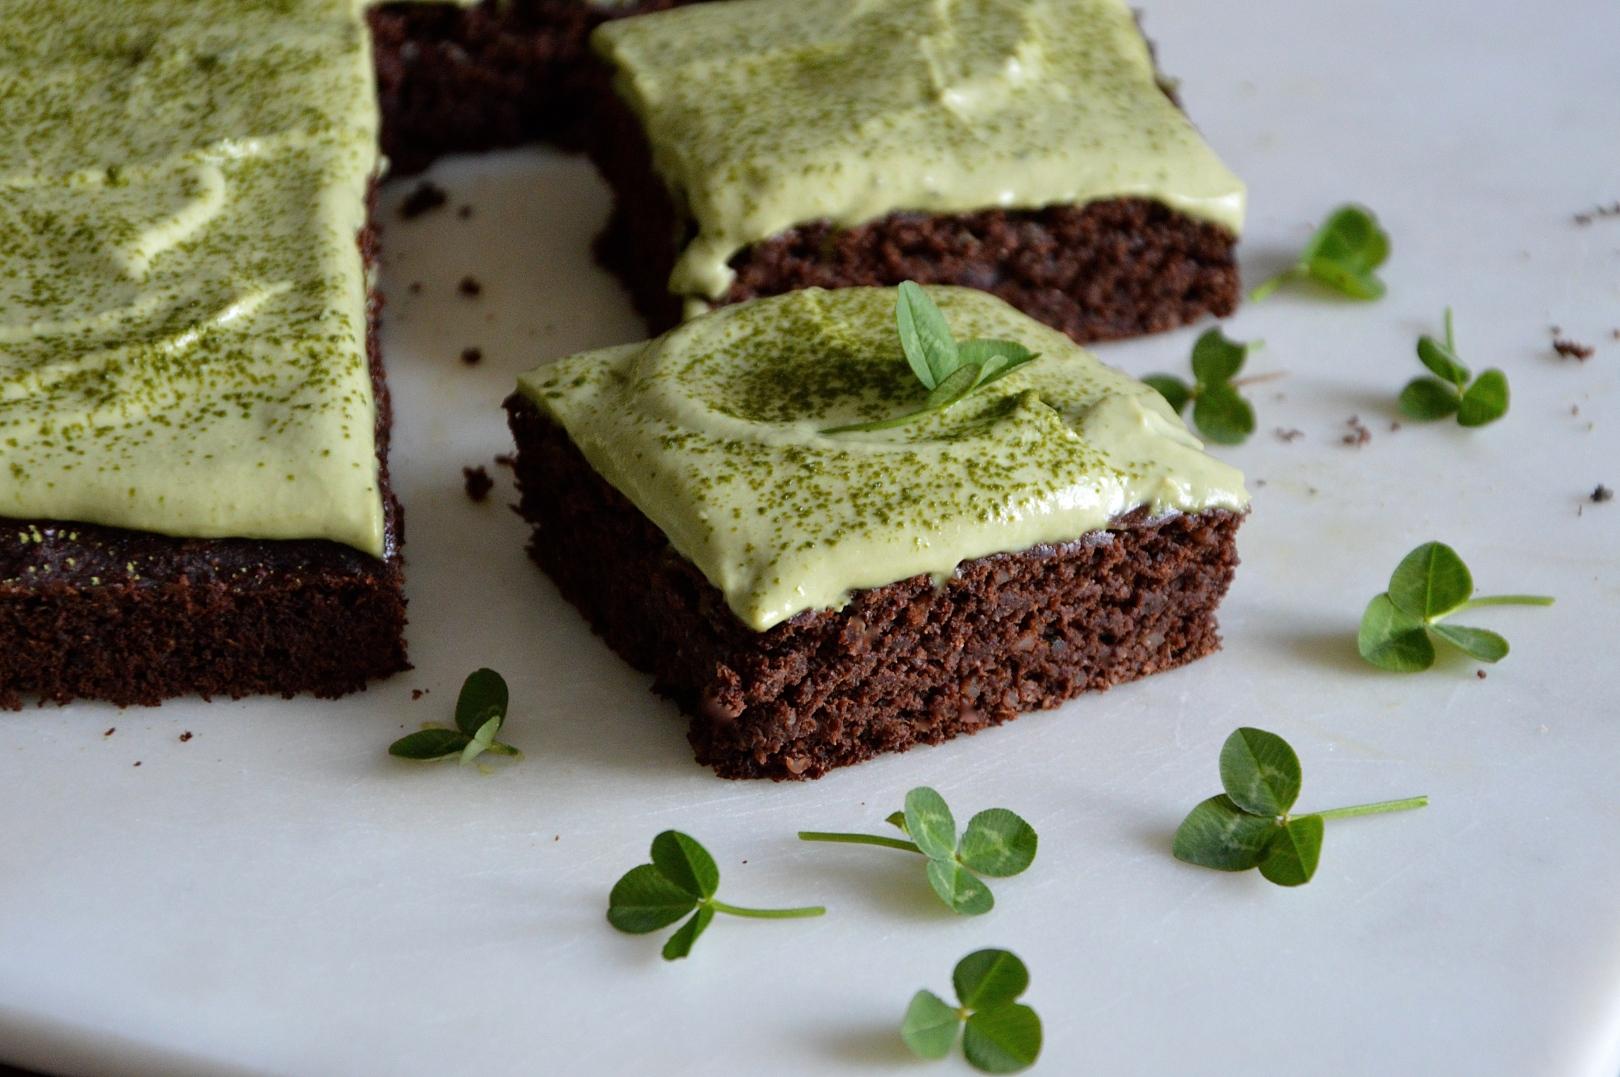 Saint Patrick's chocolate cake